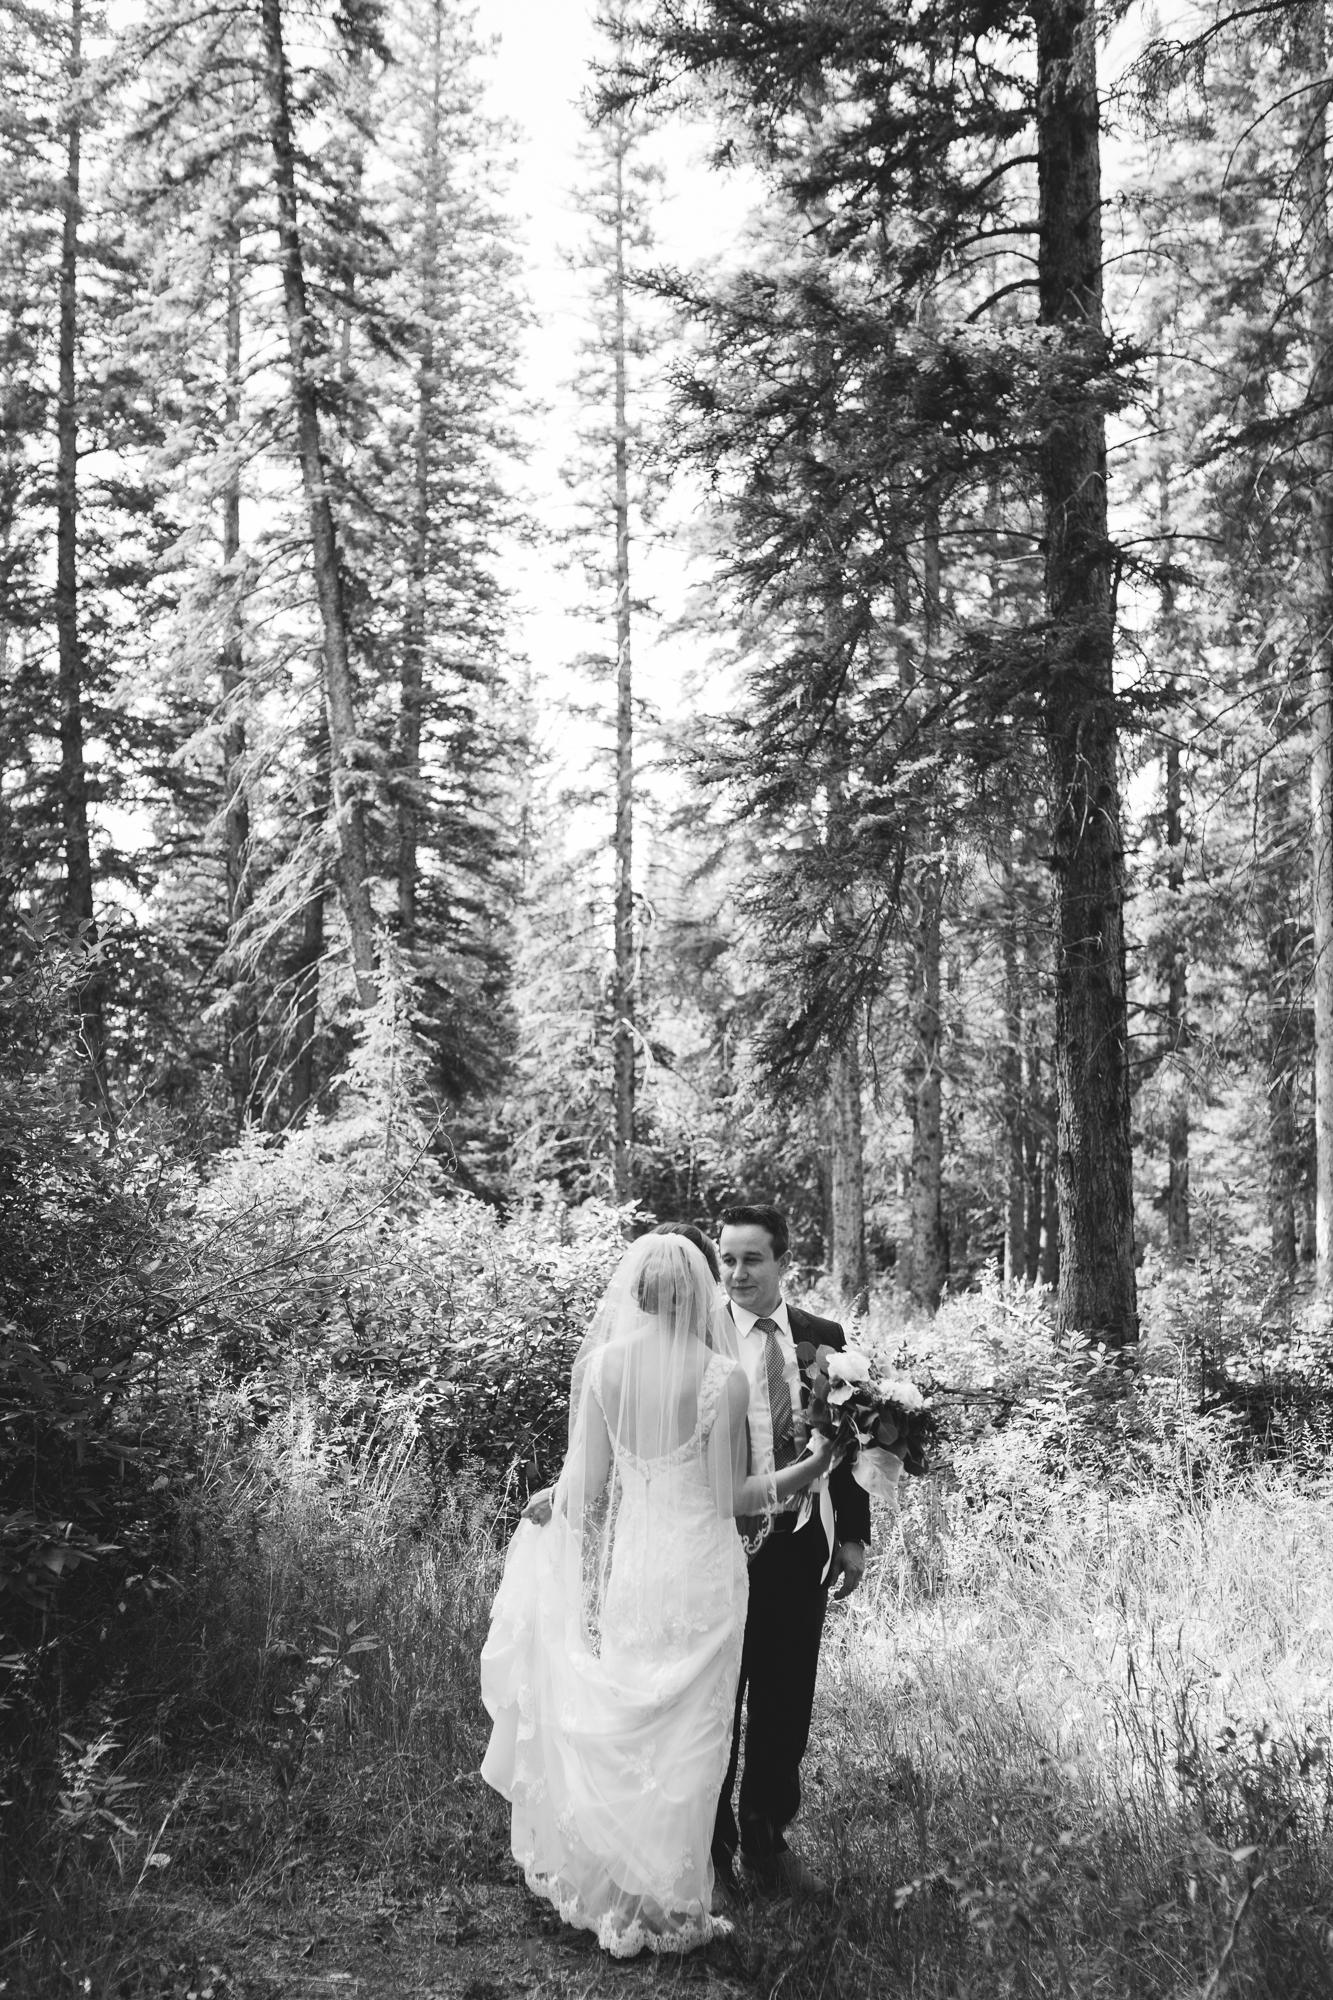 Deanna-Rachel-Photography-calgary-Wedding-photographer-jm-23.jpg